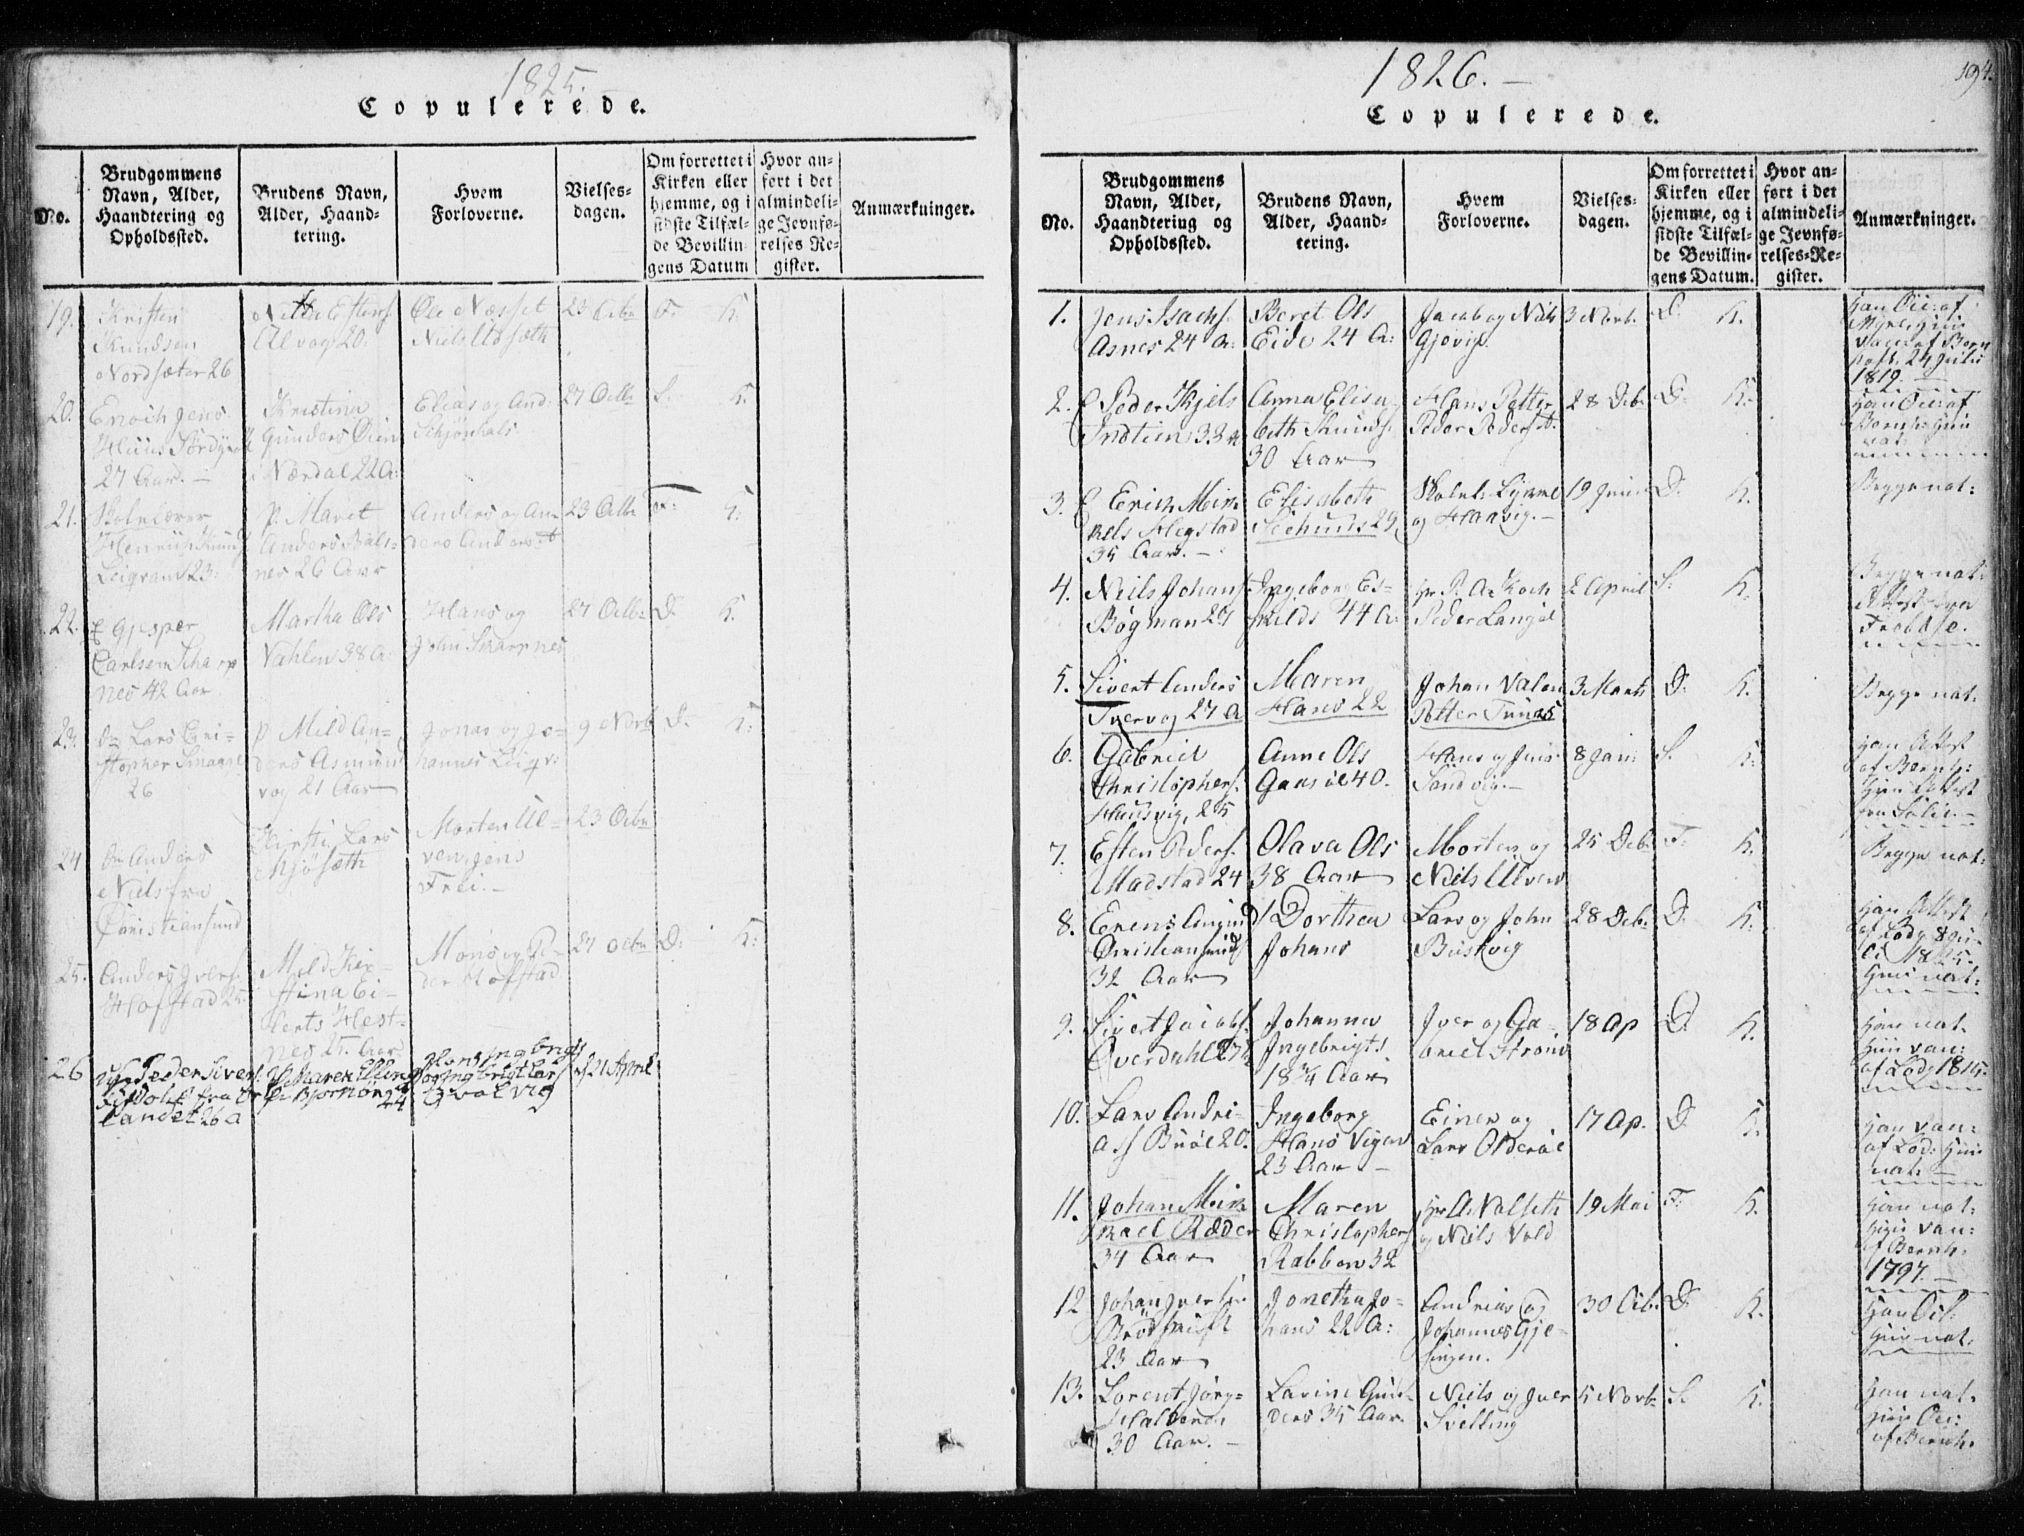 SAT, Ministerialprotokoller, klokkerbøker og fødselsregistre - Sør-Trøndelag, 634/L0527: Ministerialbok nr. 634A03, 1818-1826, s. 194